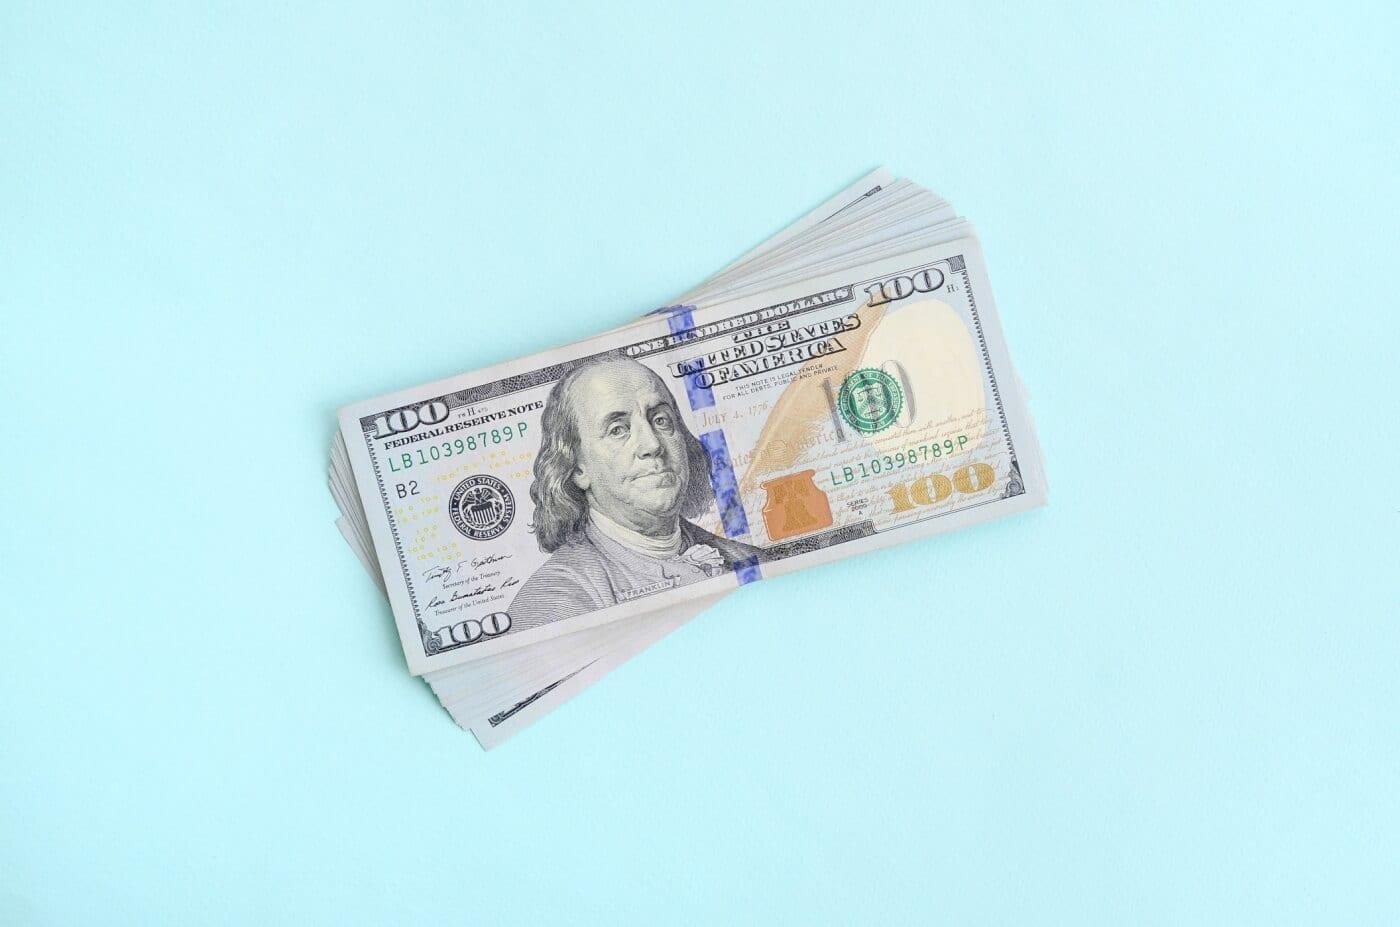 ¿Eres alfabetizado financieramente? Edición bancaria